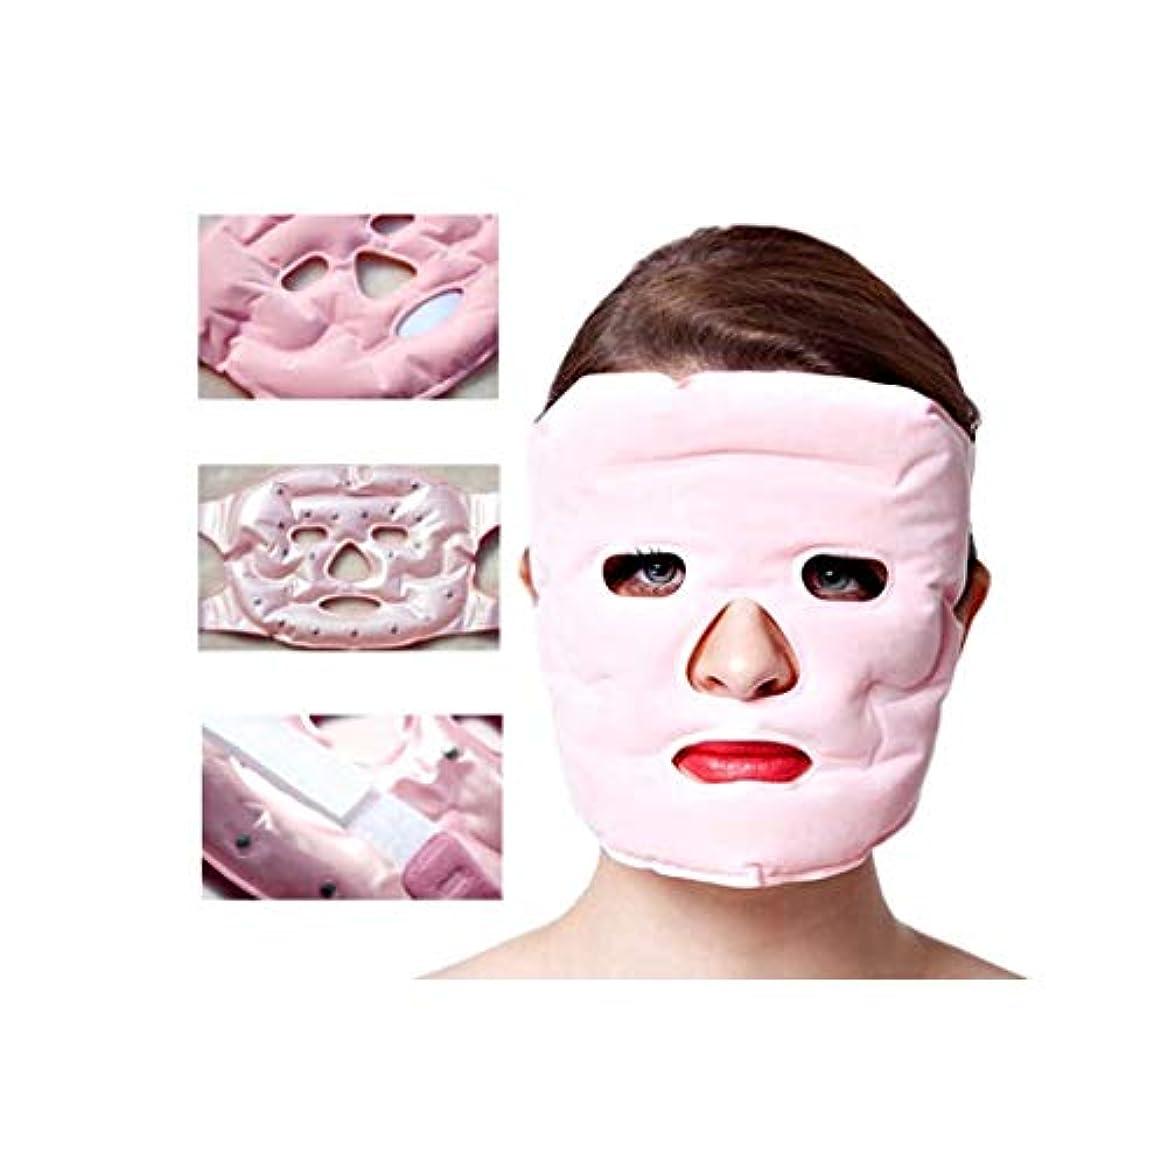 リズムヒゲ犬フェイシャルスリミング、Vフェイスマスク、フェイスリフティングビューティーマスク、磁気療法リフティングフェイス、肌の状態を改善するための肌の頬の引き締め